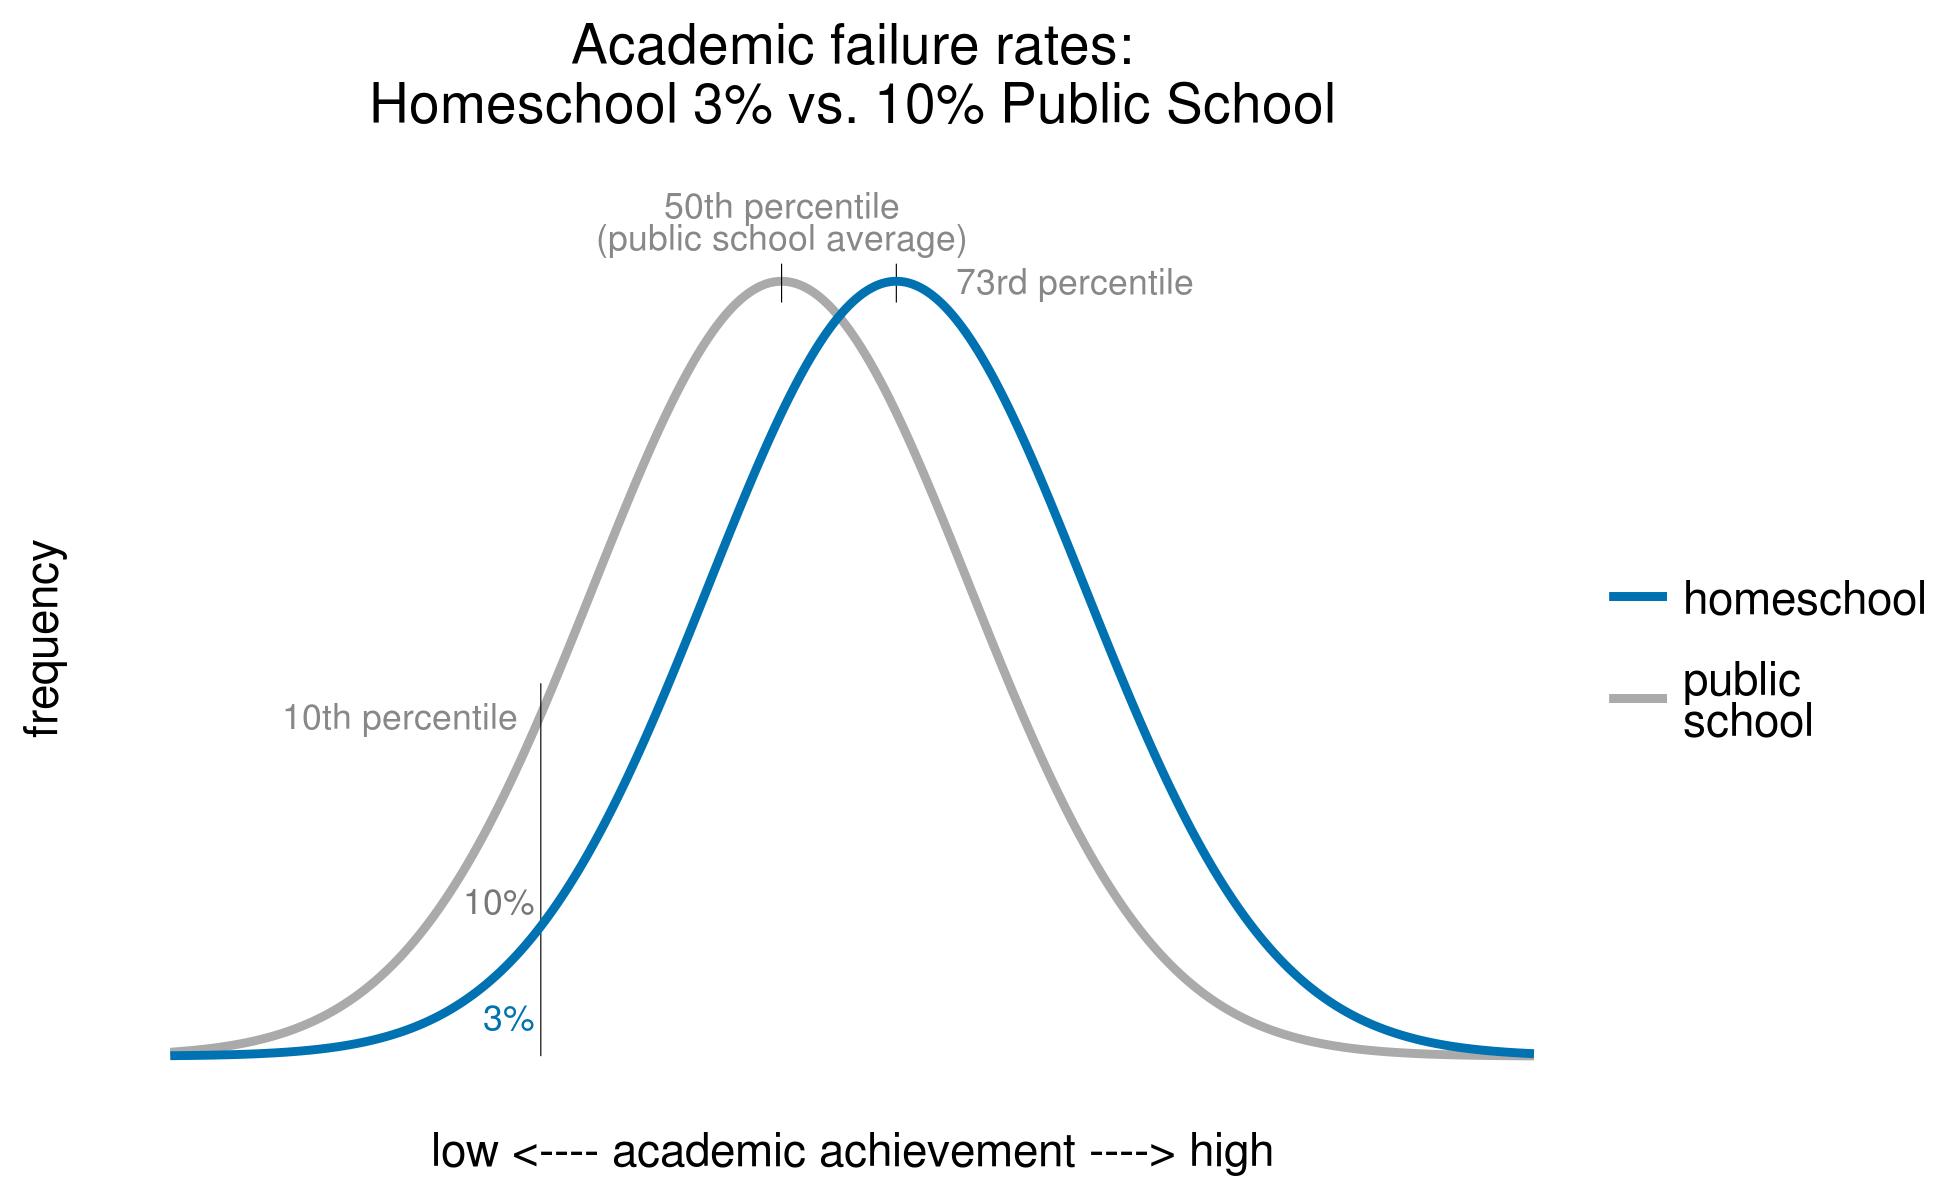 preventing academic failures homeschools vs public schools